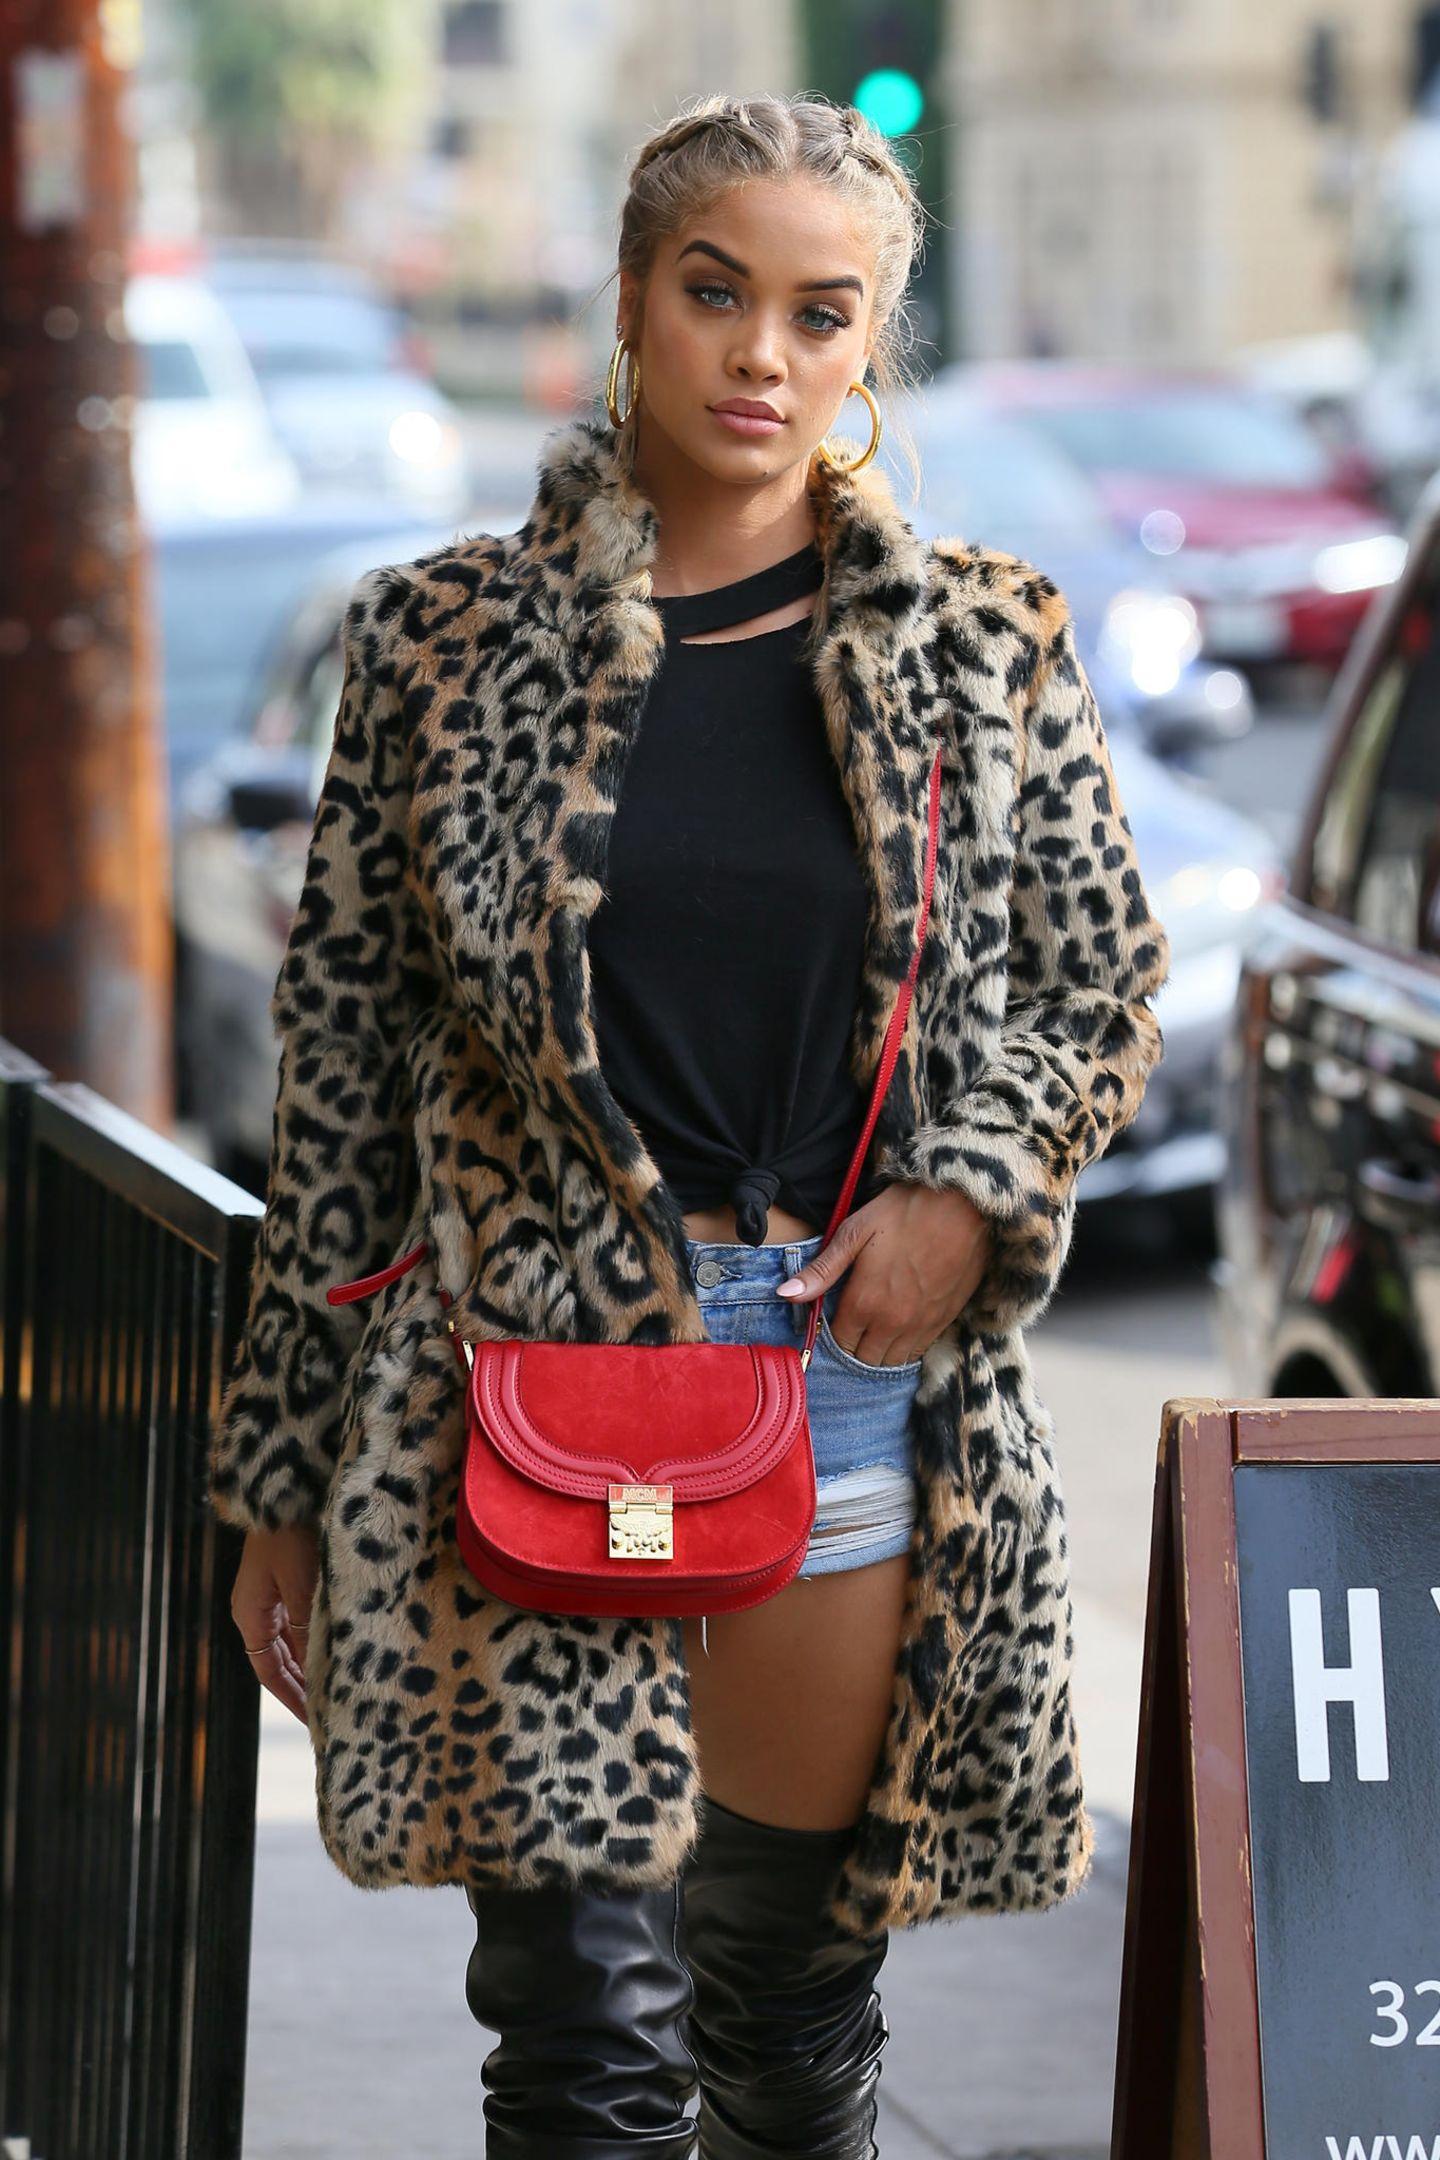 """Jasmine Sandres ist von der """"Trisha"""" ebenfalls angetan. Sie trägt das Modell in einem leuchtenden Rot. Das Tolle daran: MCM ist ursprünglich eine Münchener Marke, erobert - wie man hier schön sieht - mittlerweile aber auch Hollywood."""